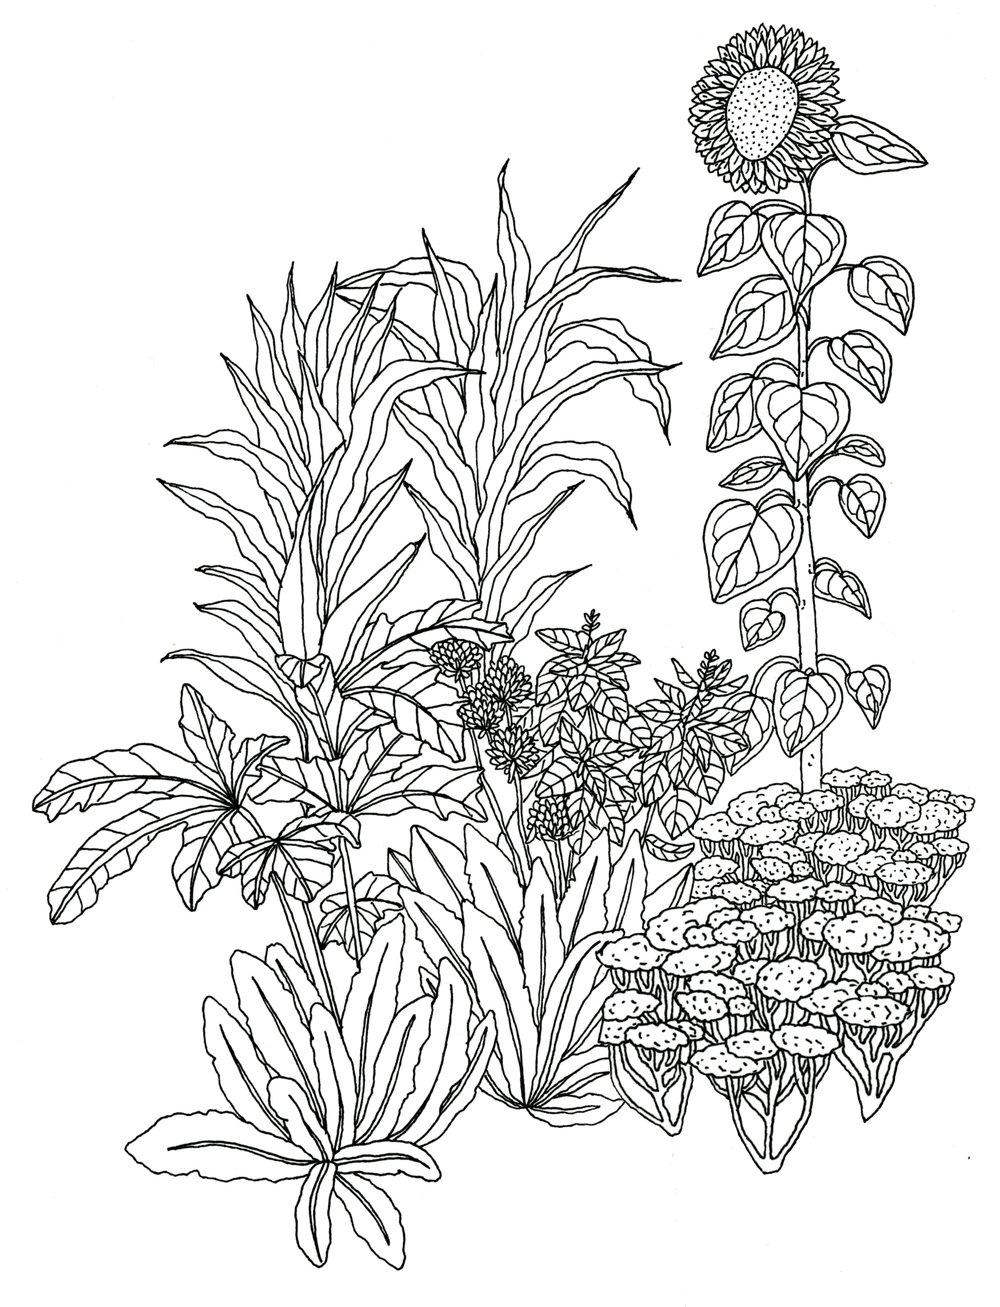 Lush+garden+1405.jpg